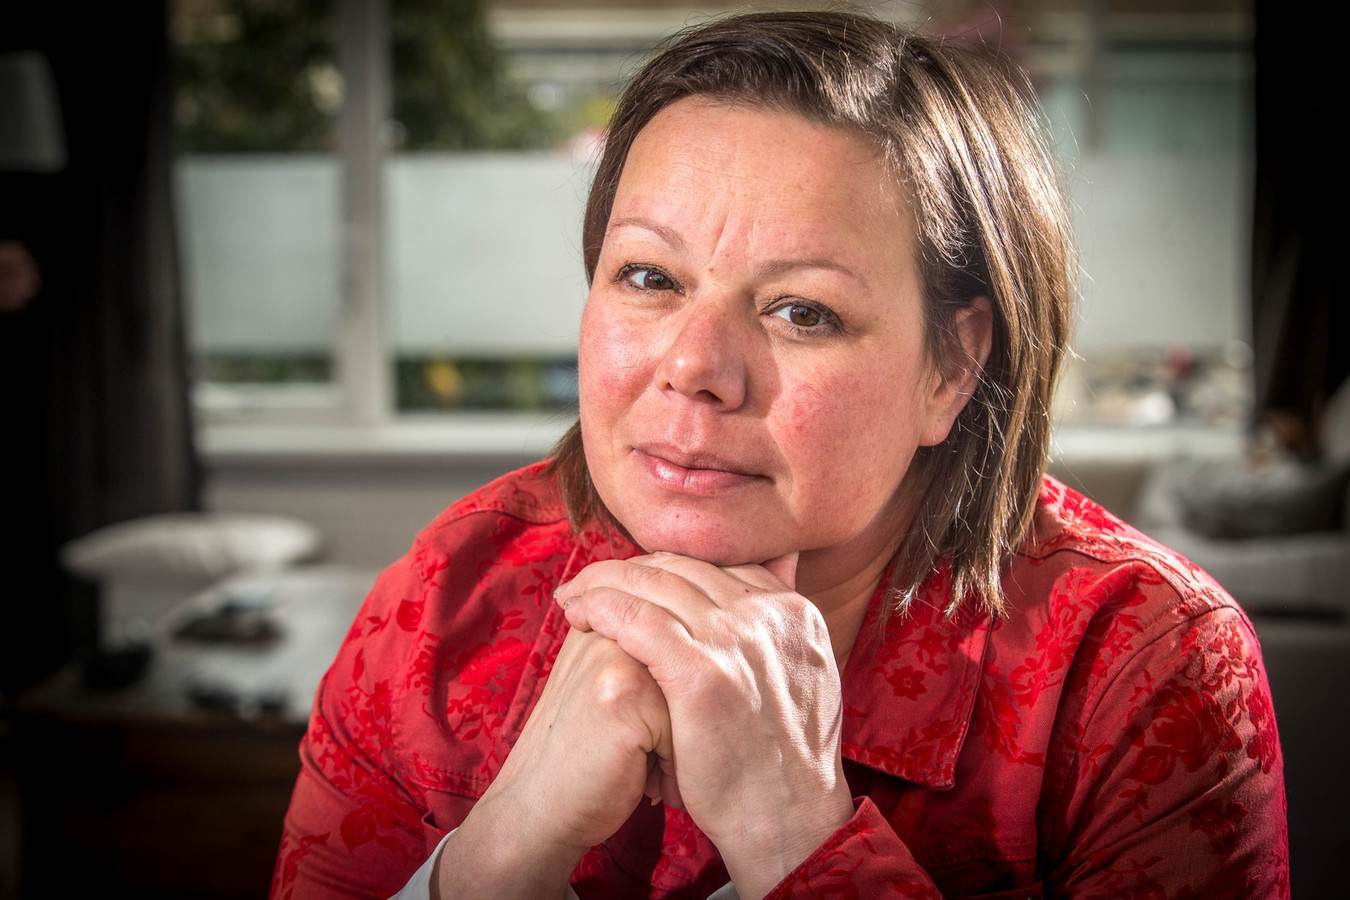 Anne Marie van Veen heeft longkanker en rookt zelf niet daarom gaat ze nu een rechtszaak beginnen tegen de Tabaksindustrie.